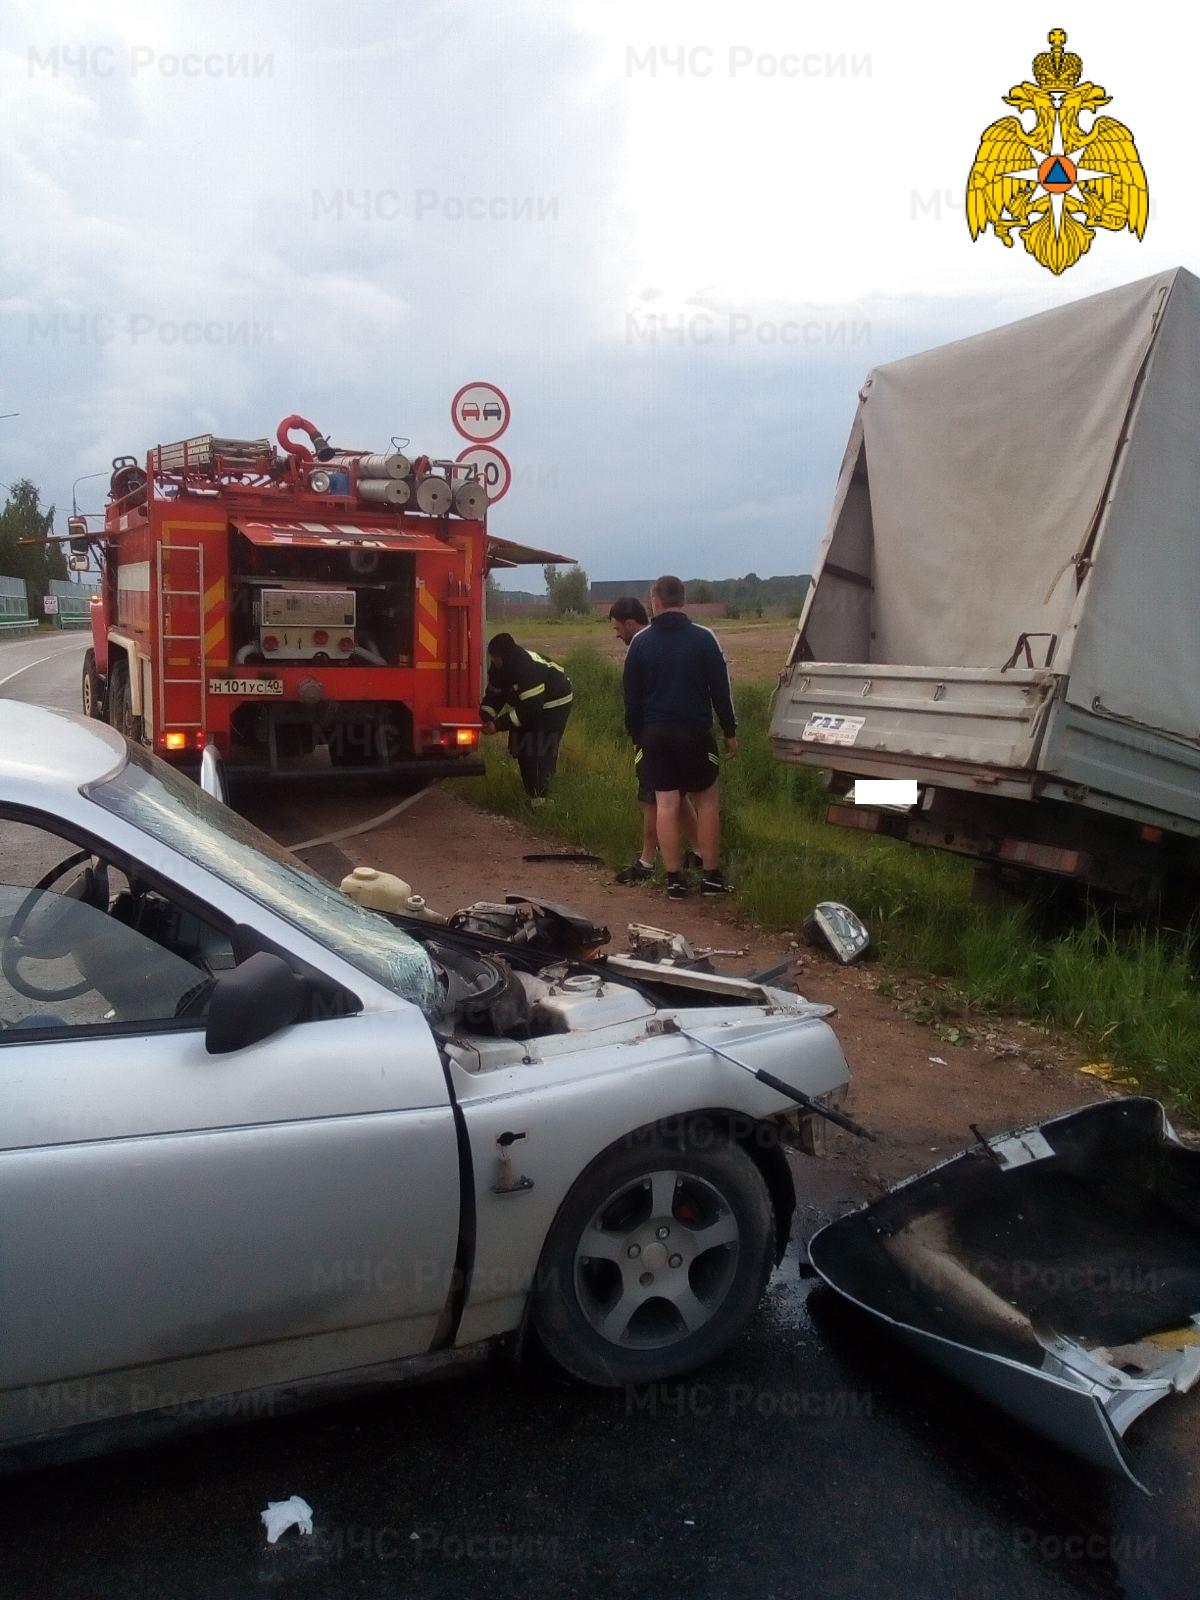 Спасатели МЧС принимали участие в ликвидации ДТП в Медынском районе, д. Дошино